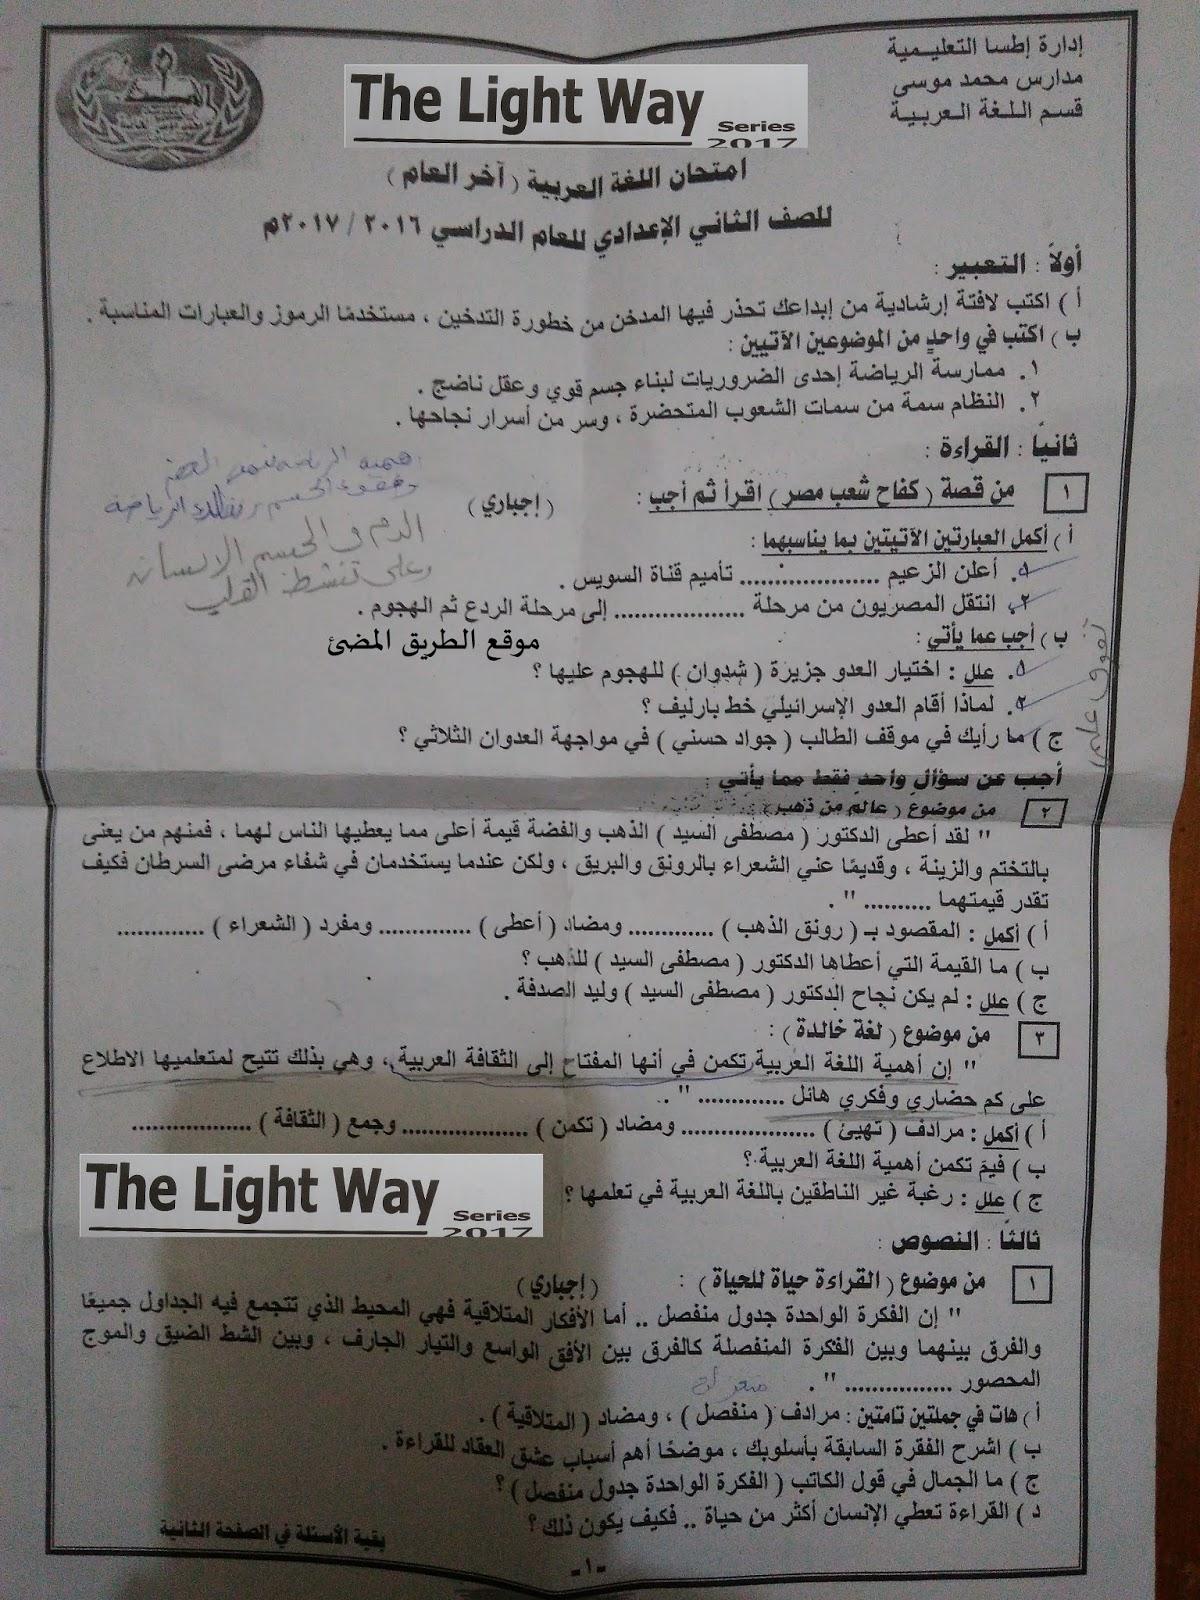 تحميل امتحانات اللغه العربيه الرسمية والفعلية لمحافظة الفيوم الصف الثاني الاعدادي الترم الثاني